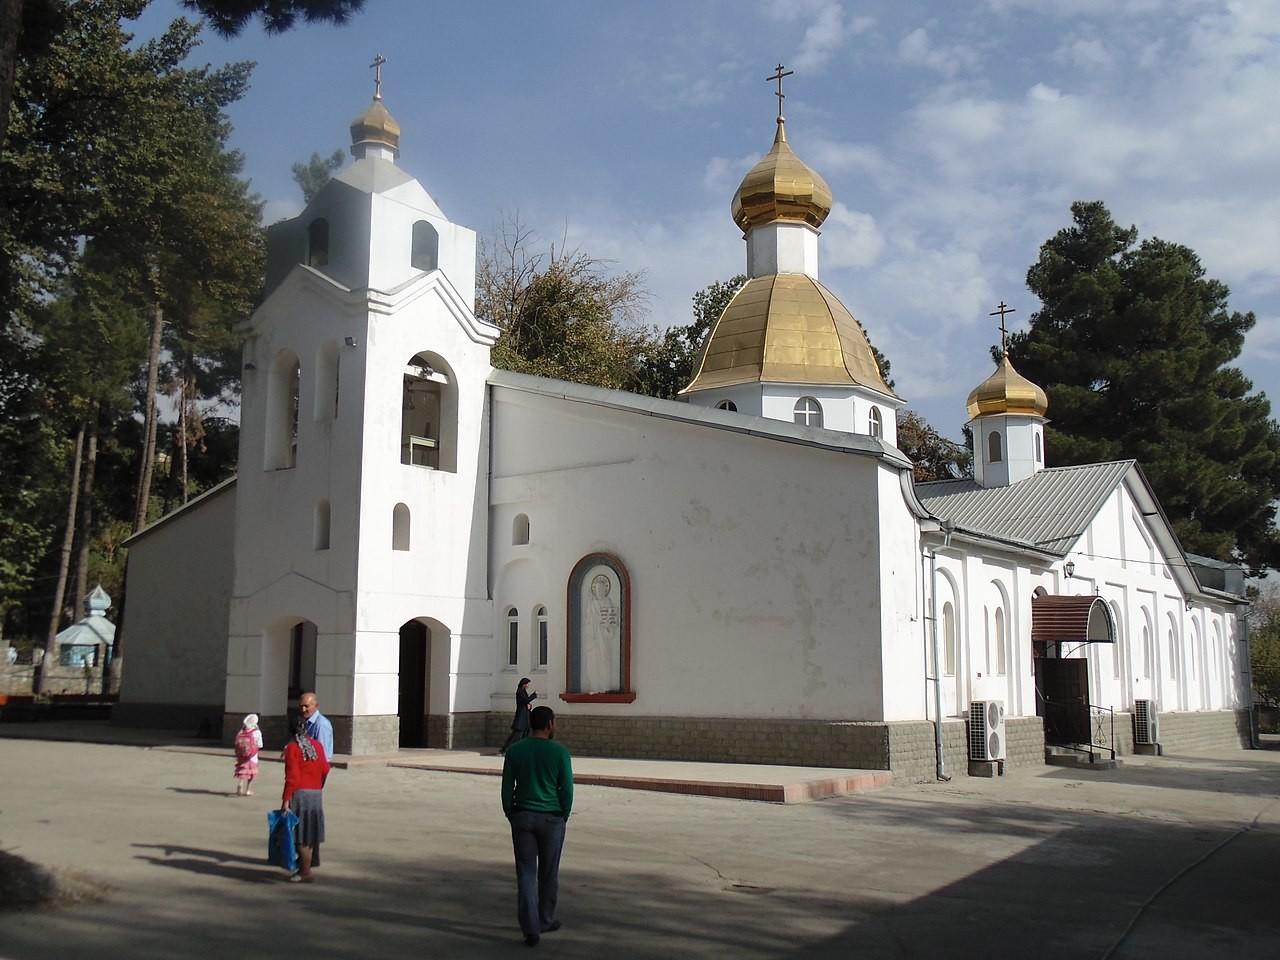 La cathédrale Saint-Nicolas à Douchanbé, au Tadjikistan, construite en 1943